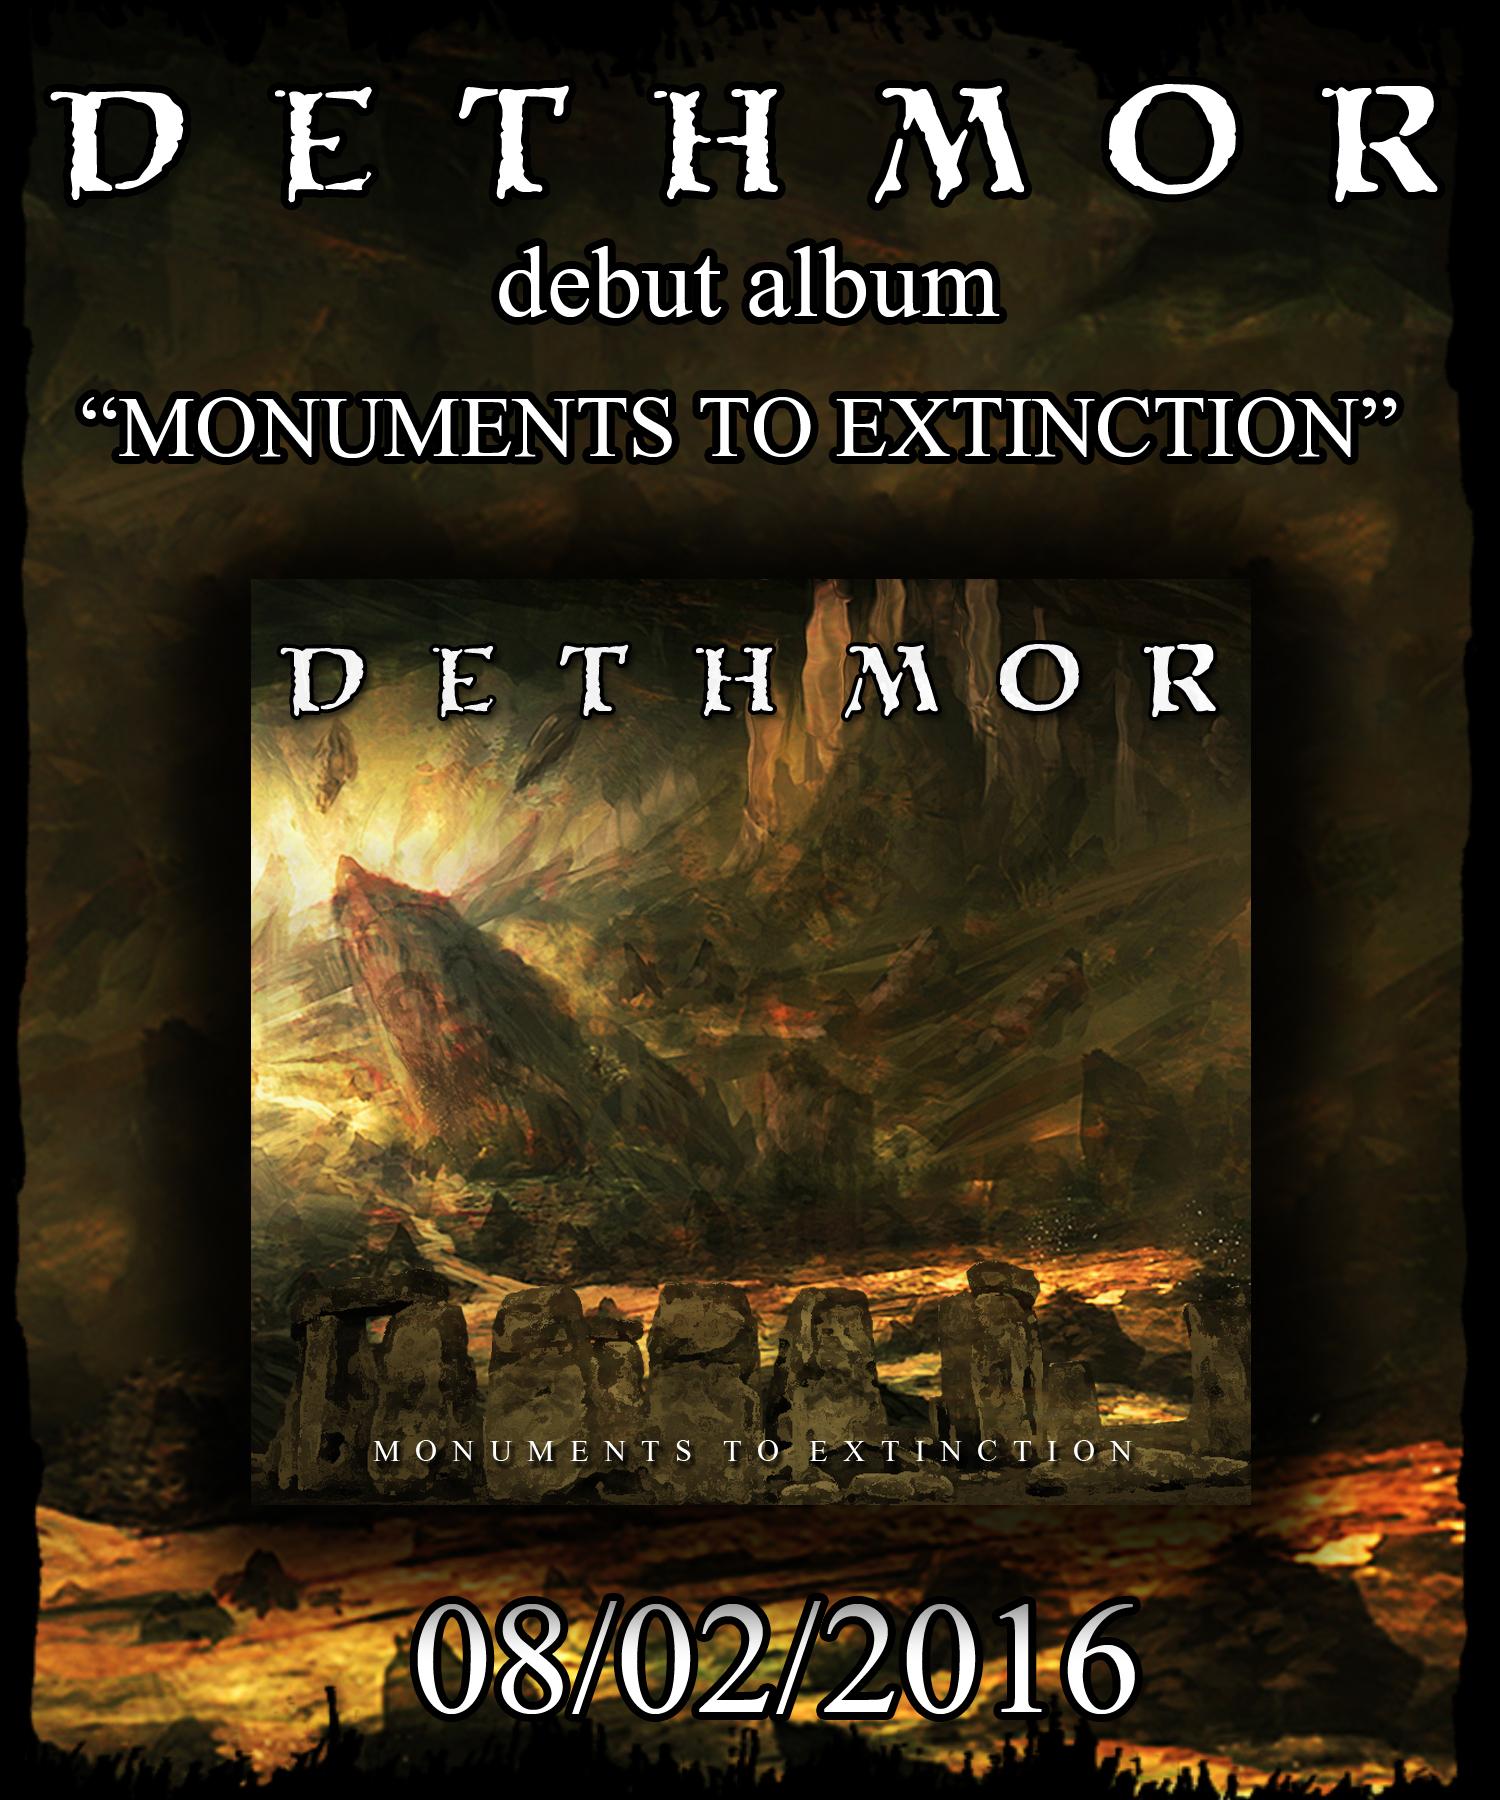 DETHMOR